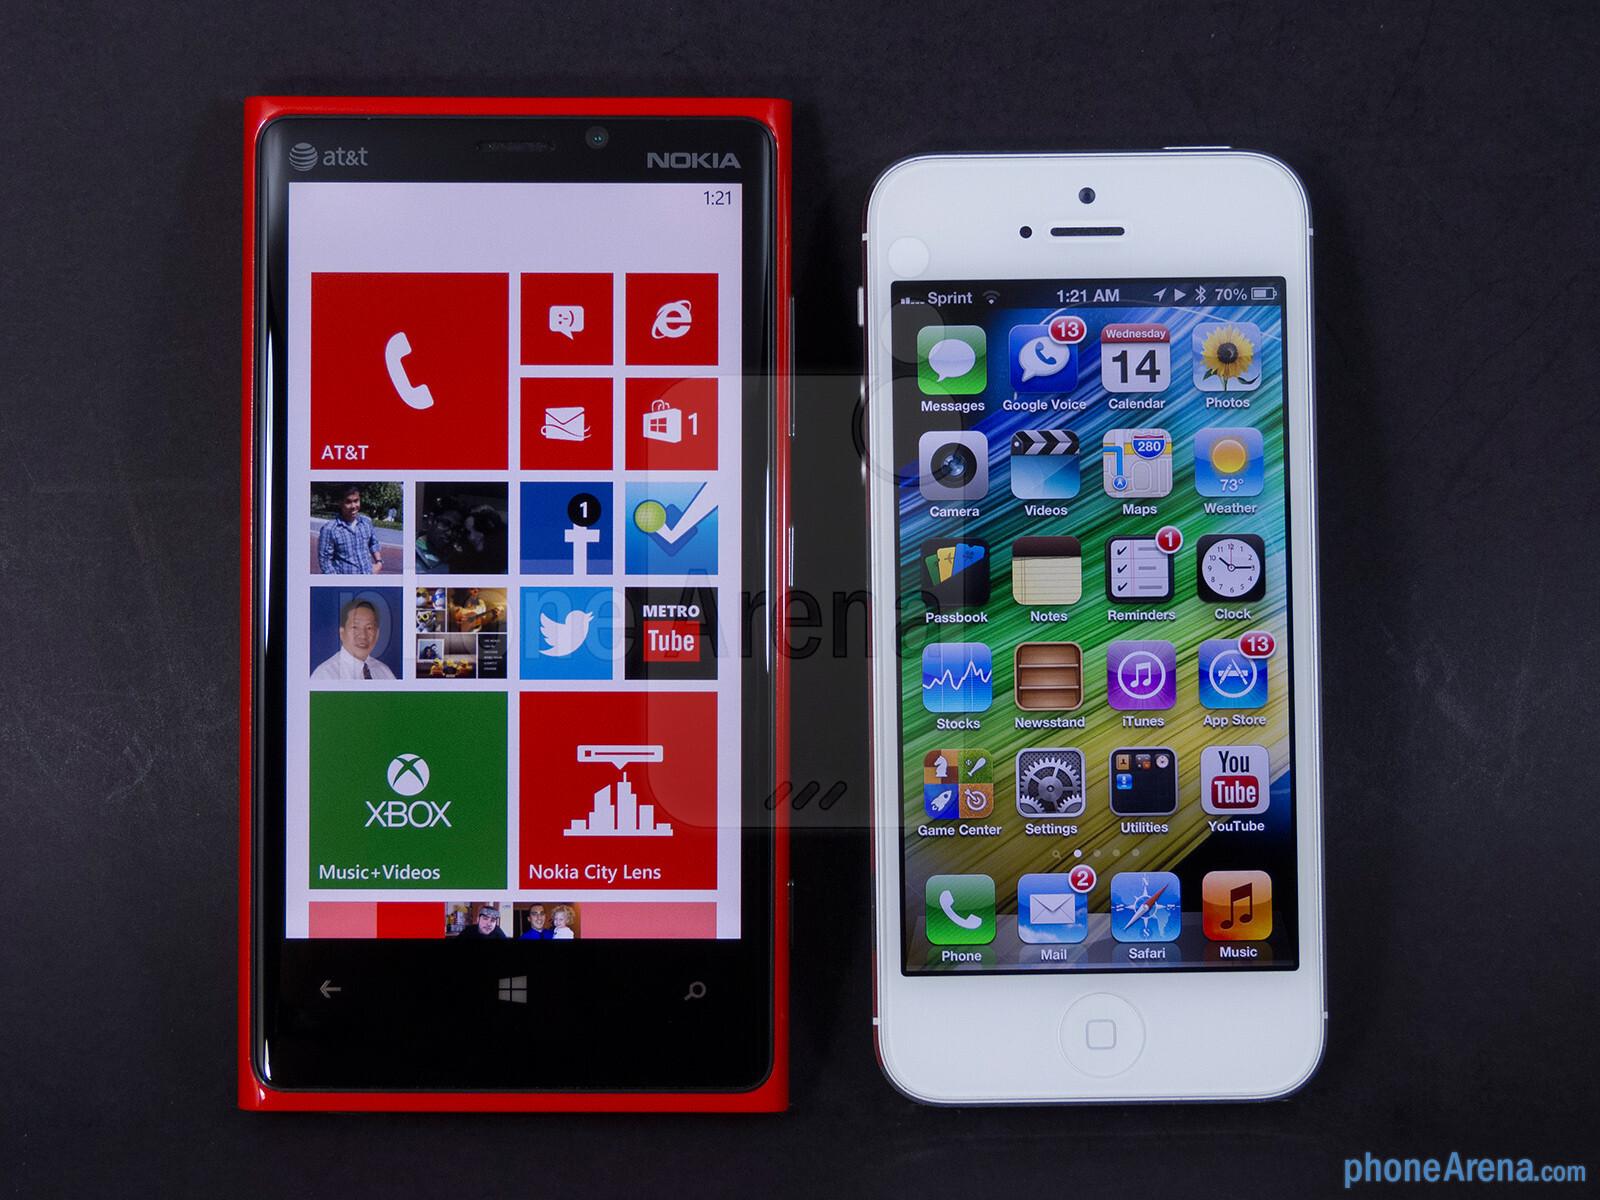 Nokia Lumia 920 Photos